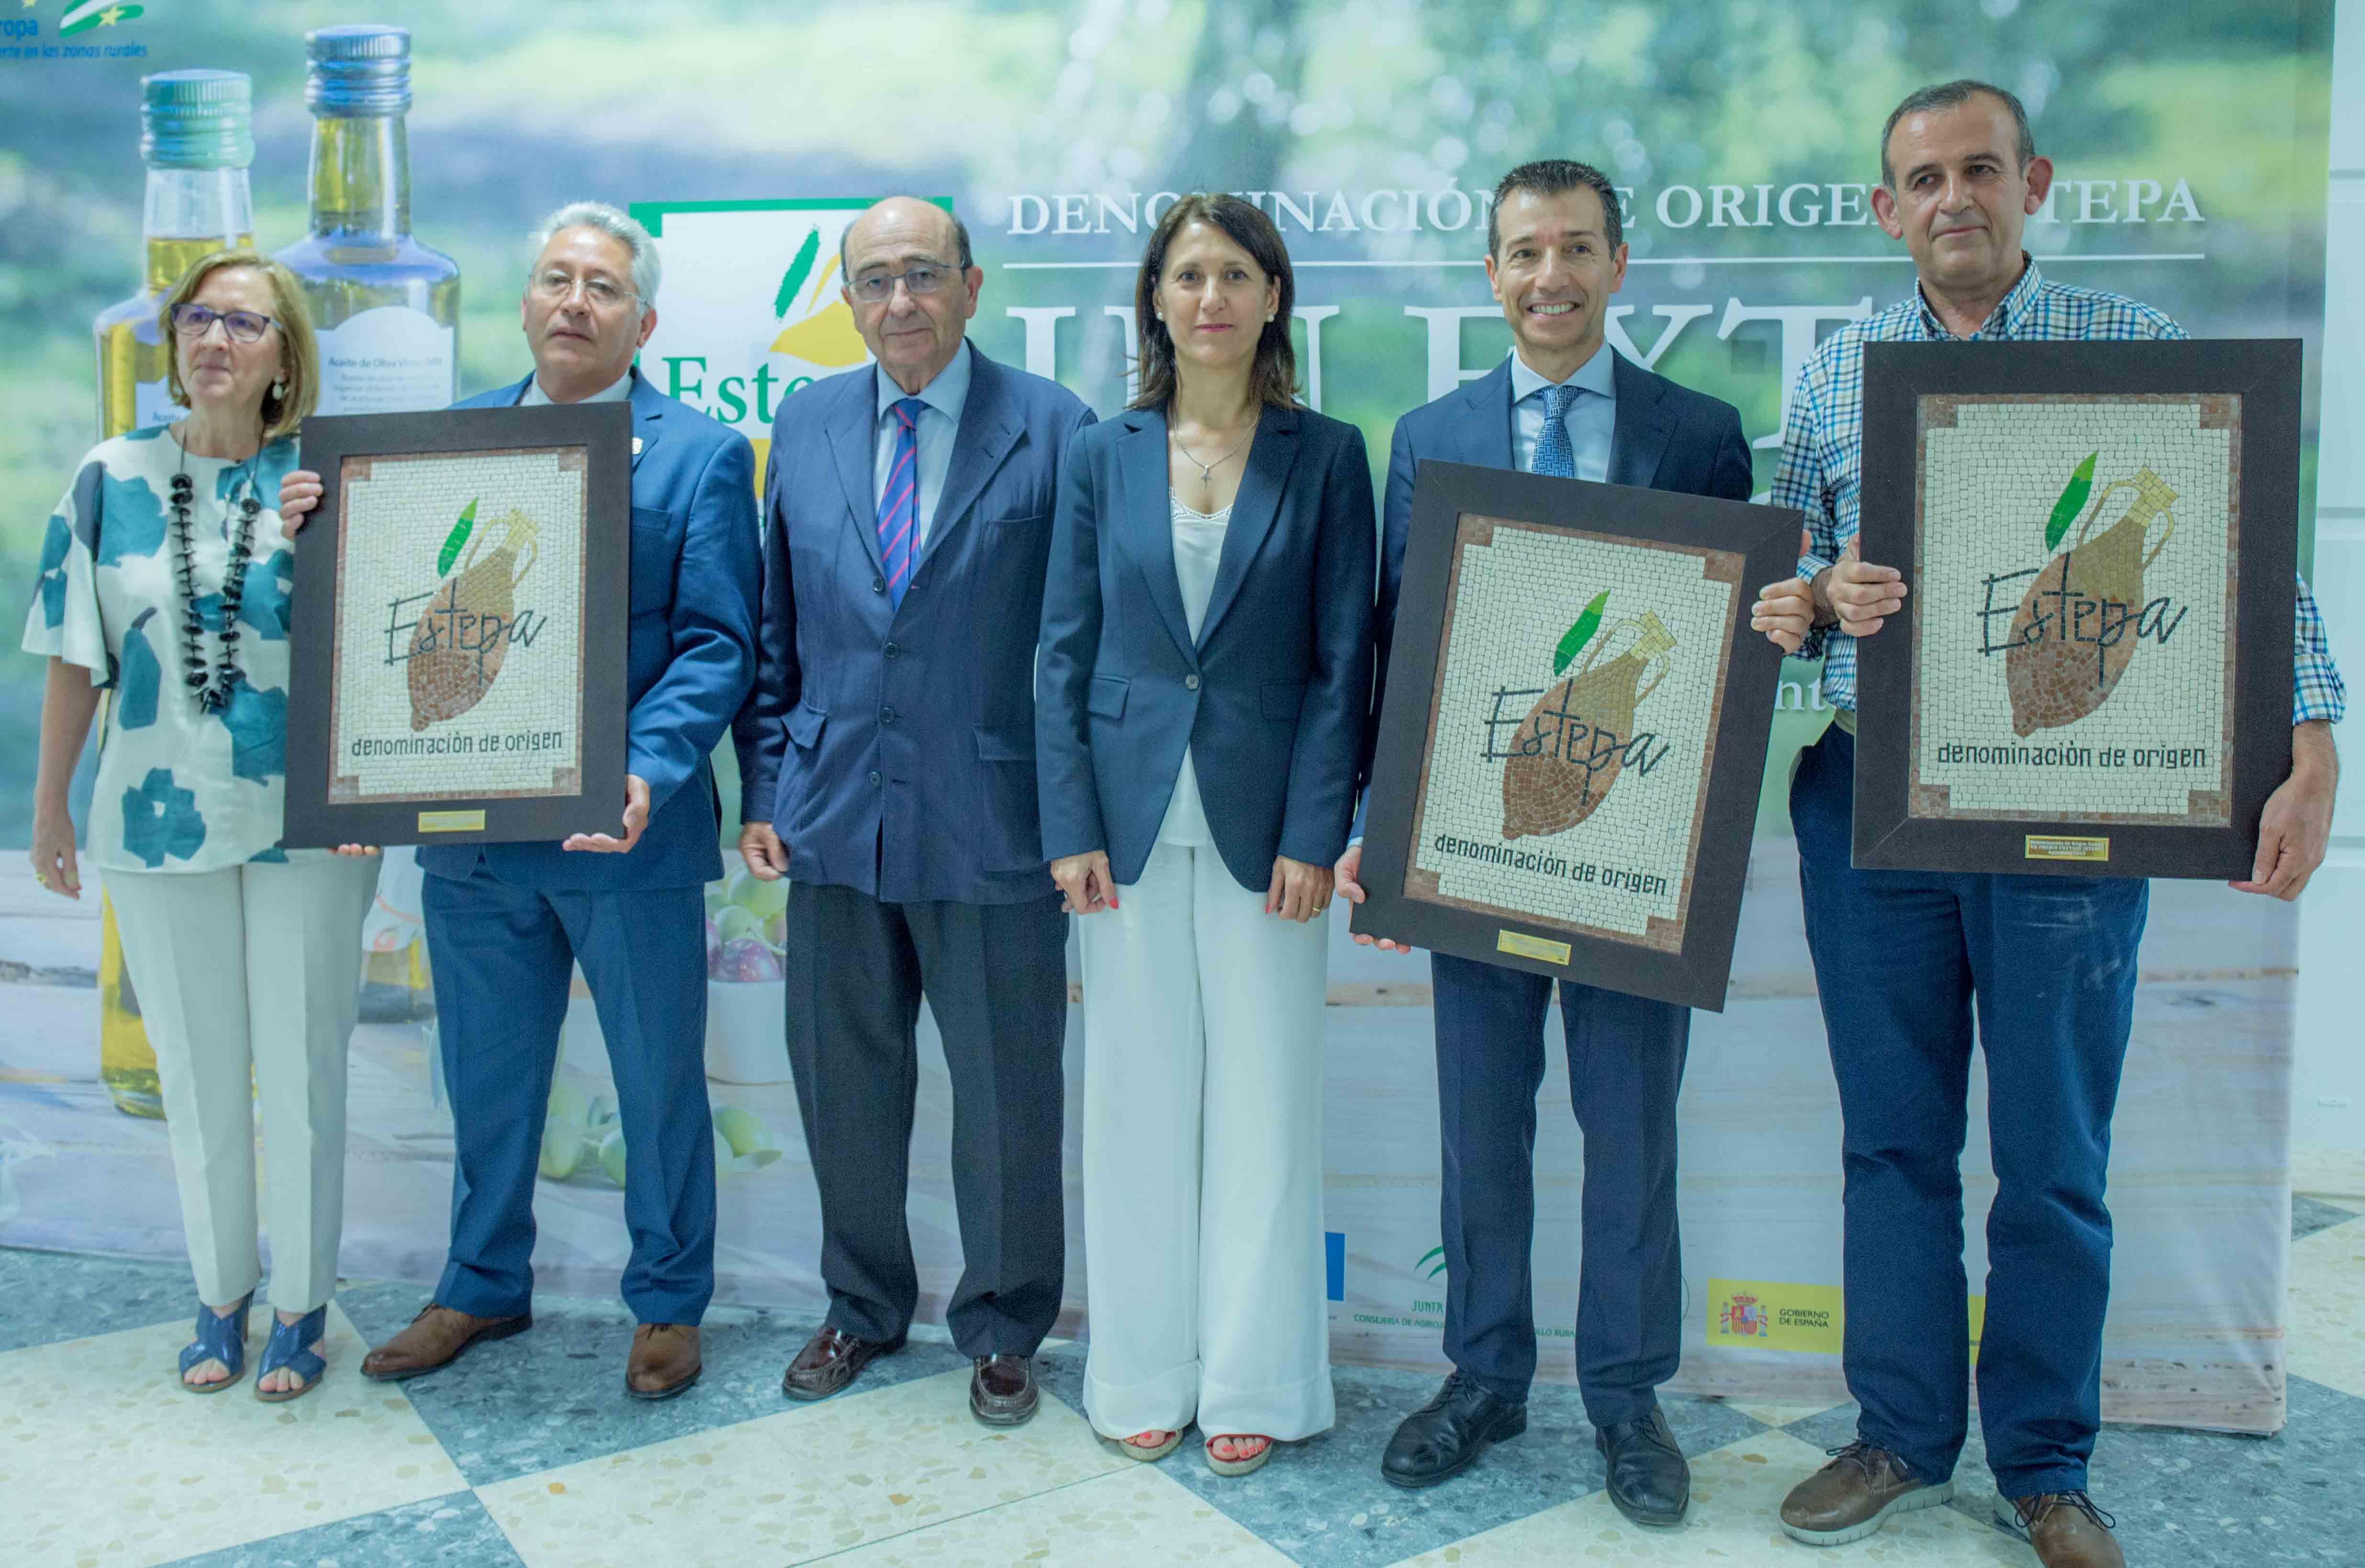 La Denominación de Origen Estepa mira al futuro del olivar en el VII Encuentro Frutado Intenso